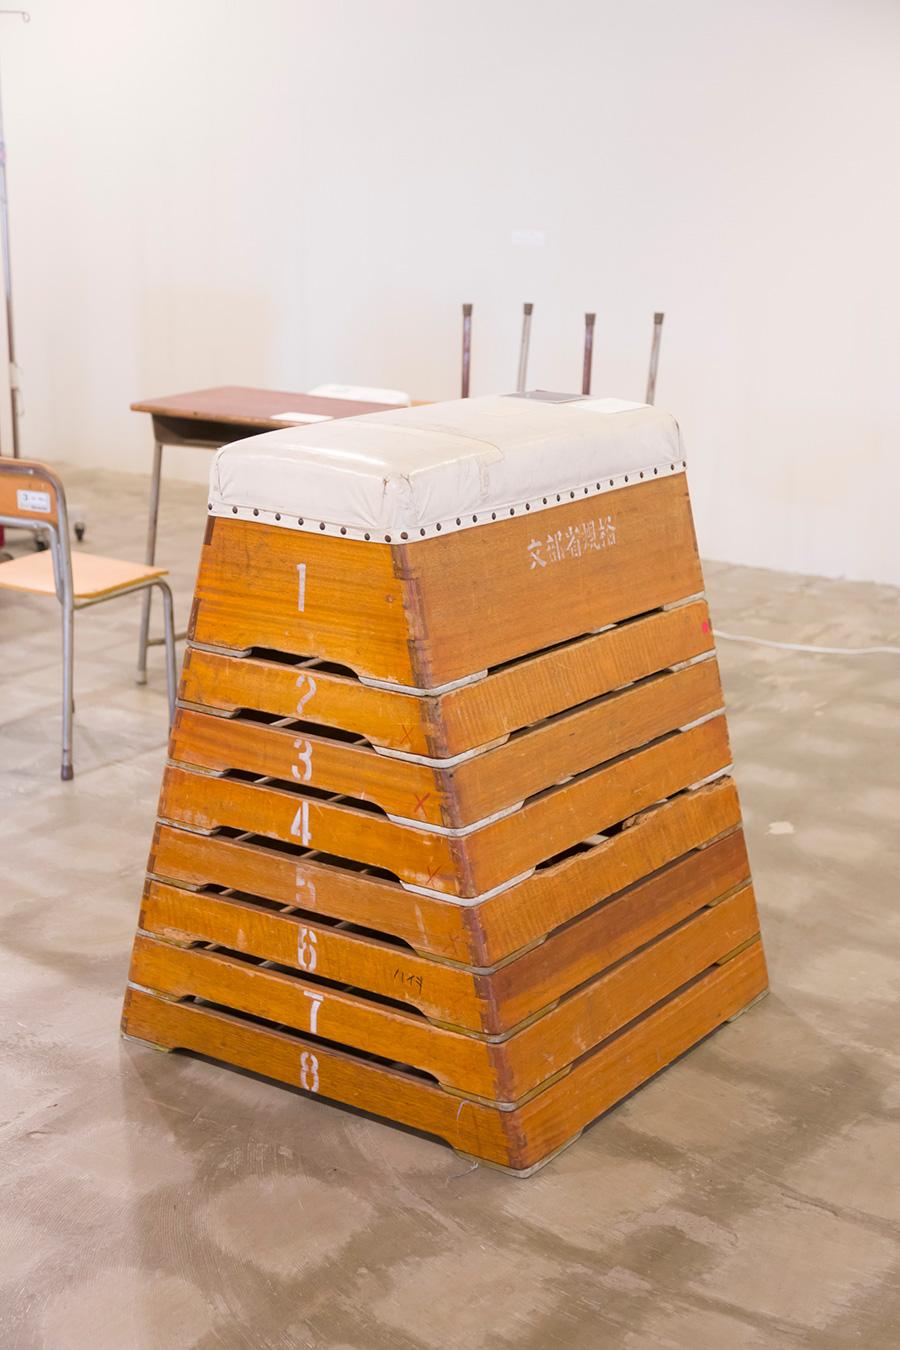 [VAULTIN TABLE & BENCHCHの材料] 体育の授業で使う備品は、学校の統廃合で出る産業廃棄物の中でもアップサイクルし辛いもののひとつ。